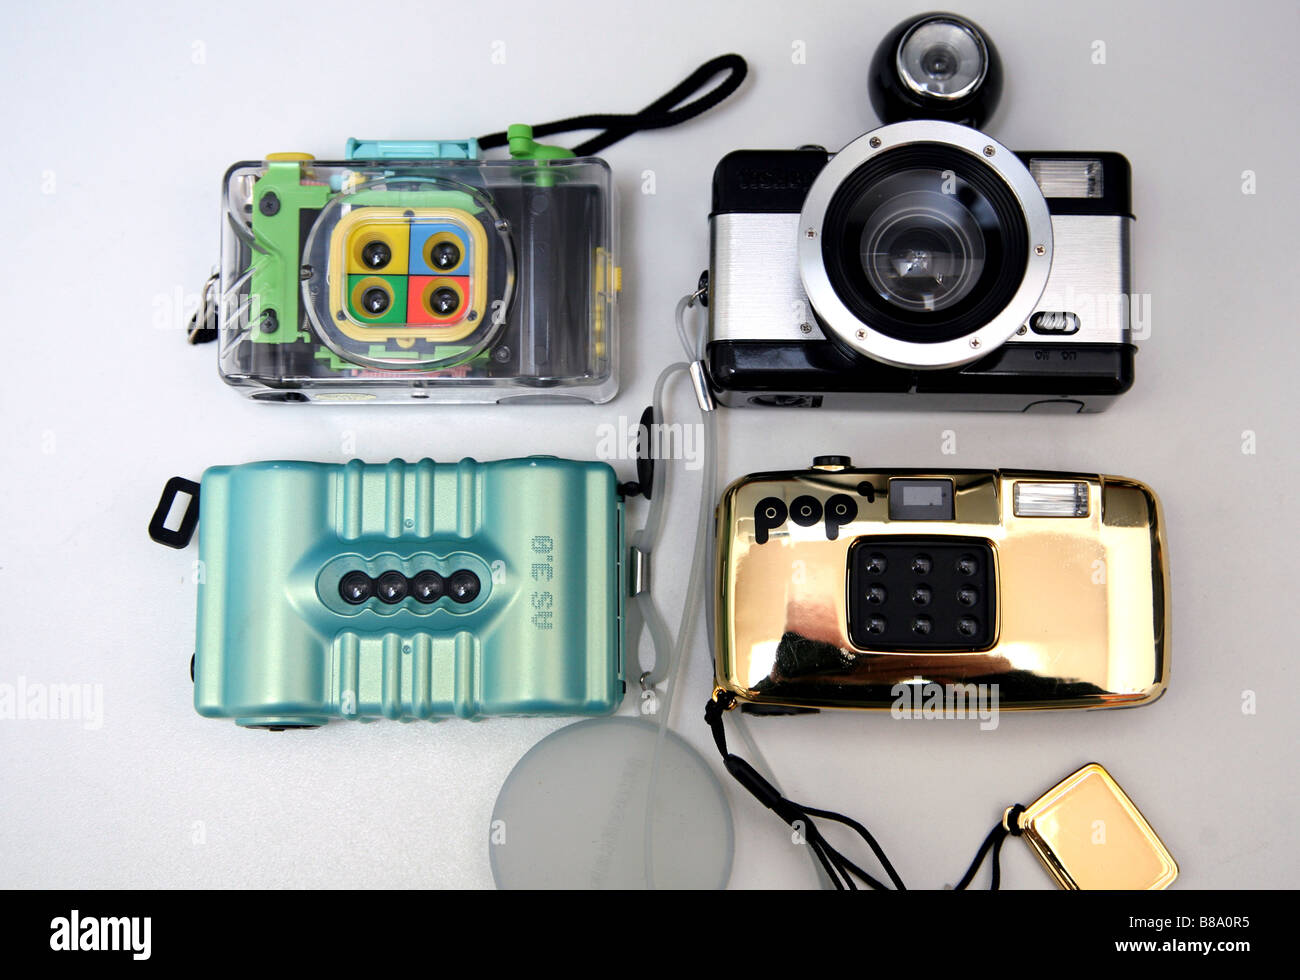 Lomo-Multi-Linse und Fischaugen-Kameras Stockfoto